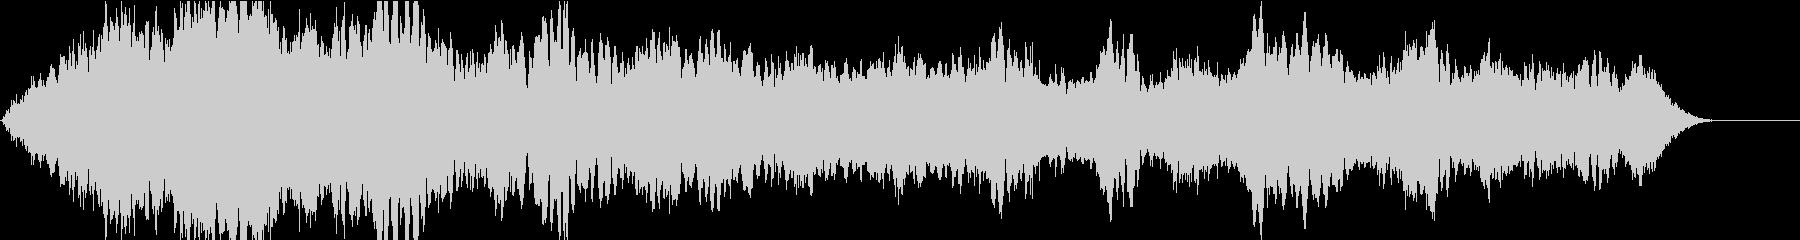 ドローン エジプシャンロー01の未再生の波形